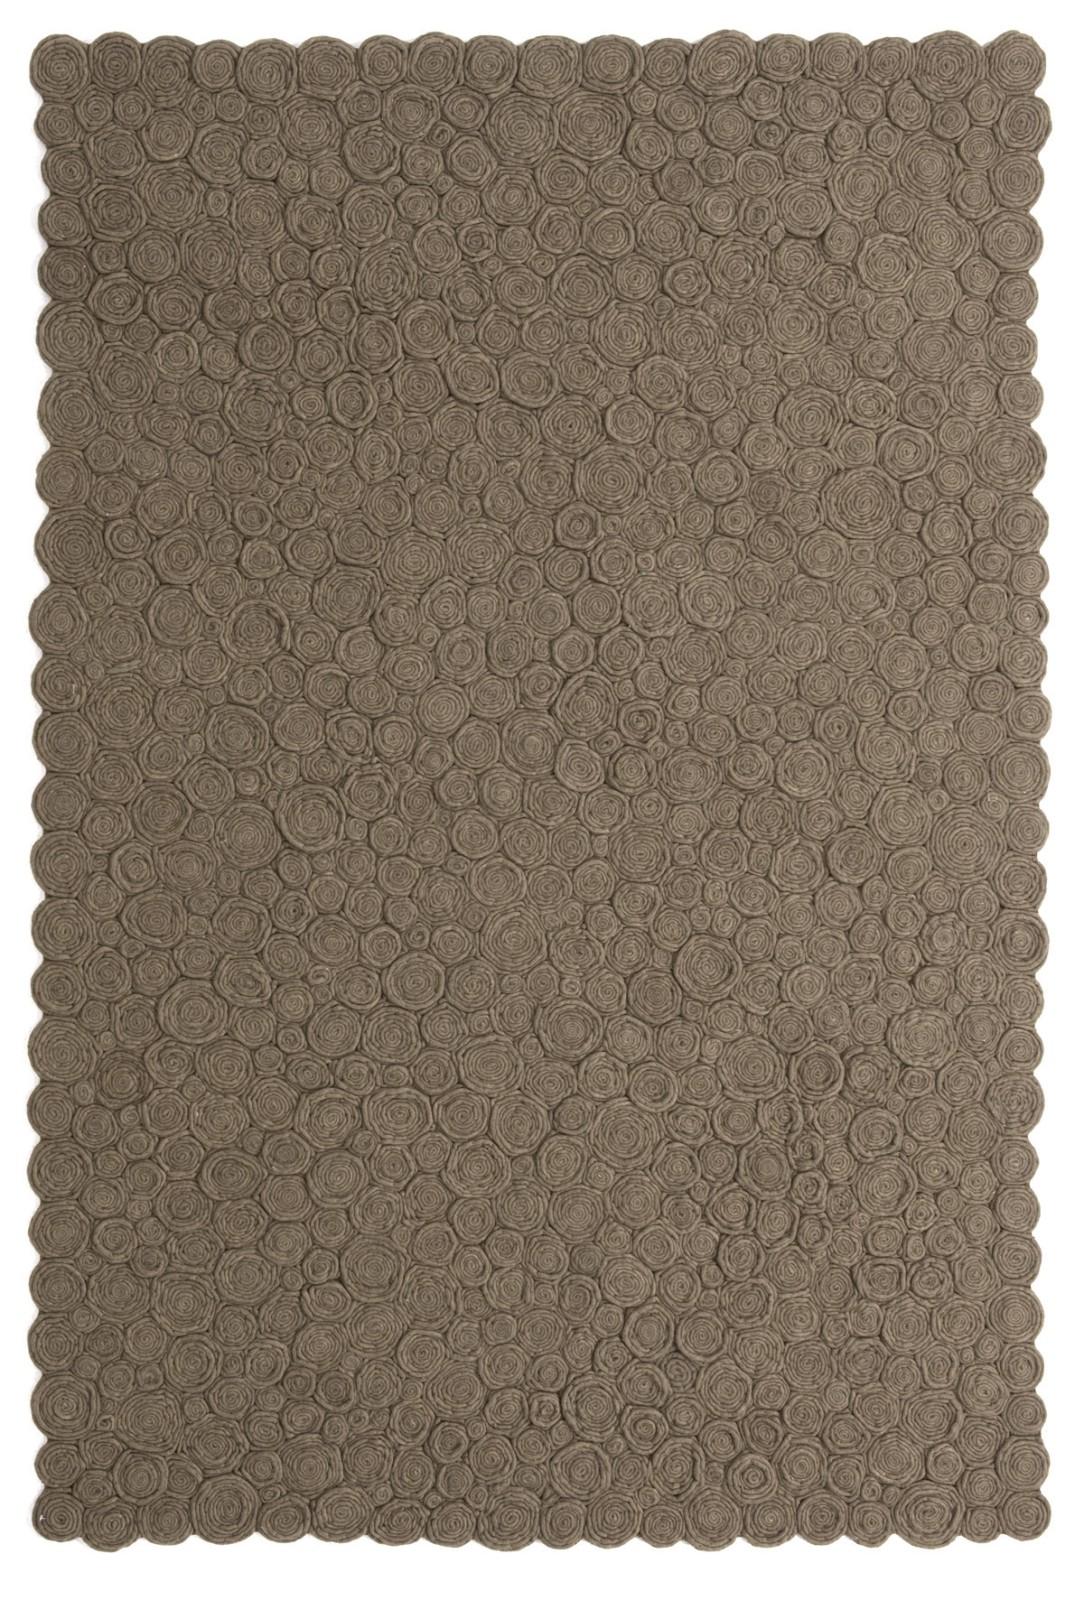 Spiral Rug Brown, 170 x 240 cm